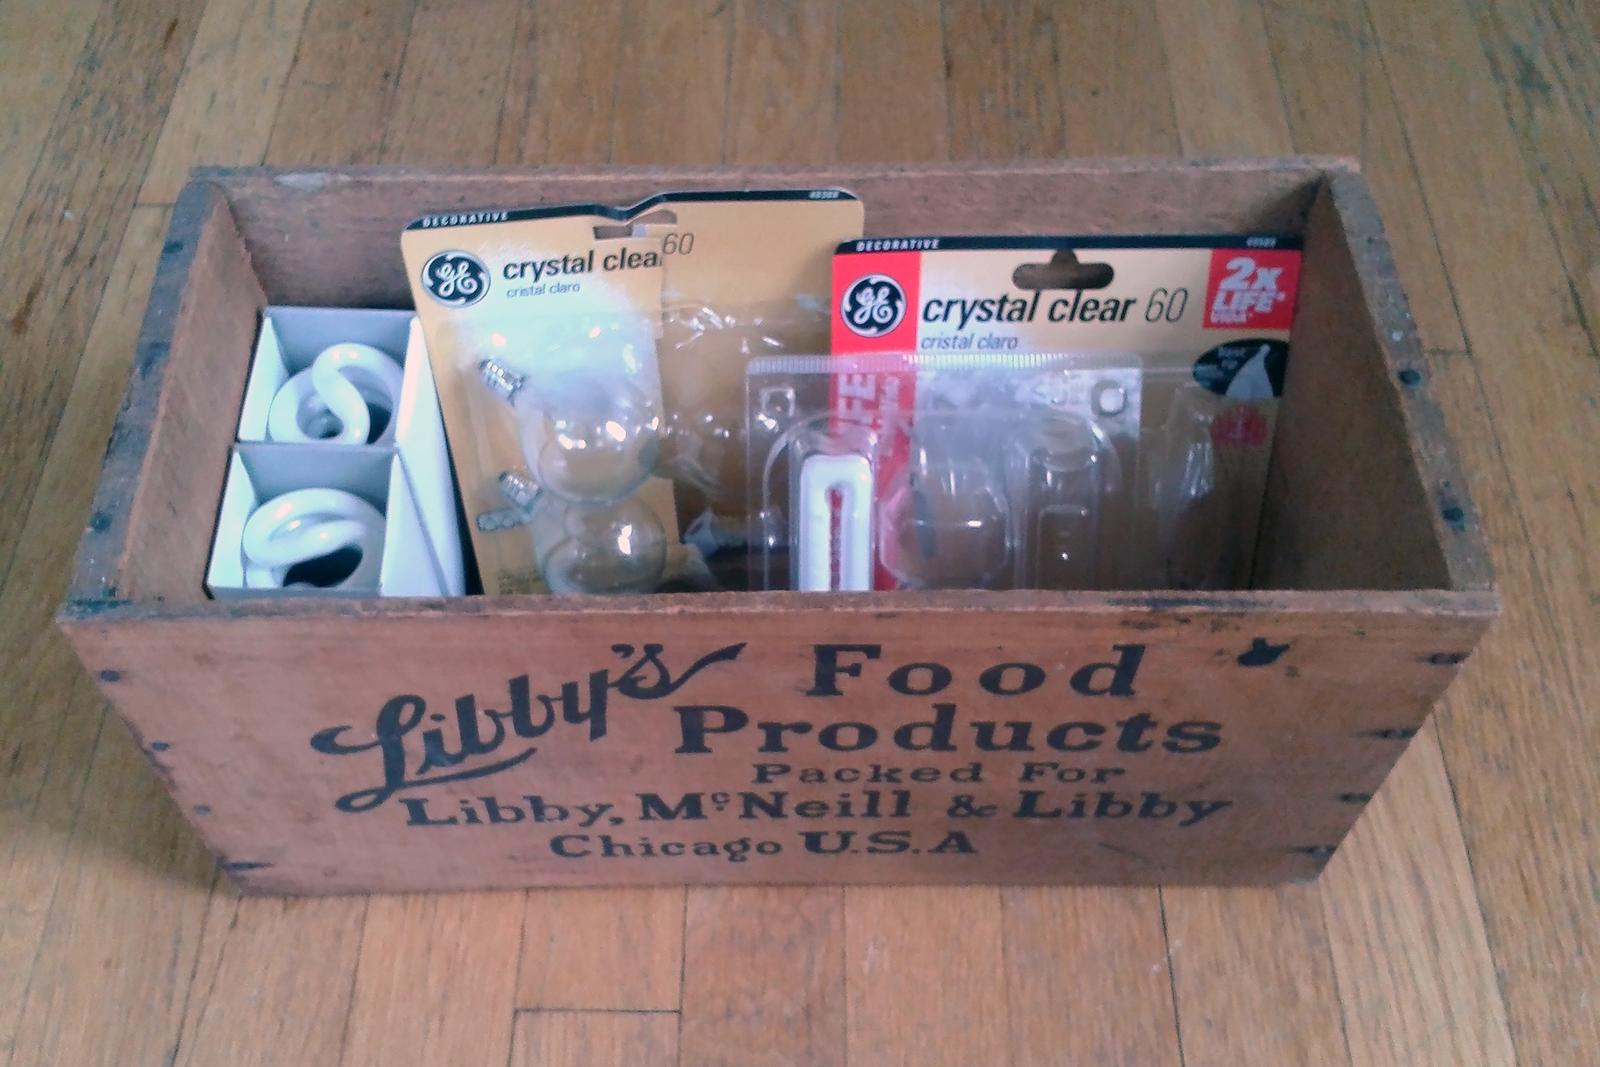 Assortment of light bulbs in a box